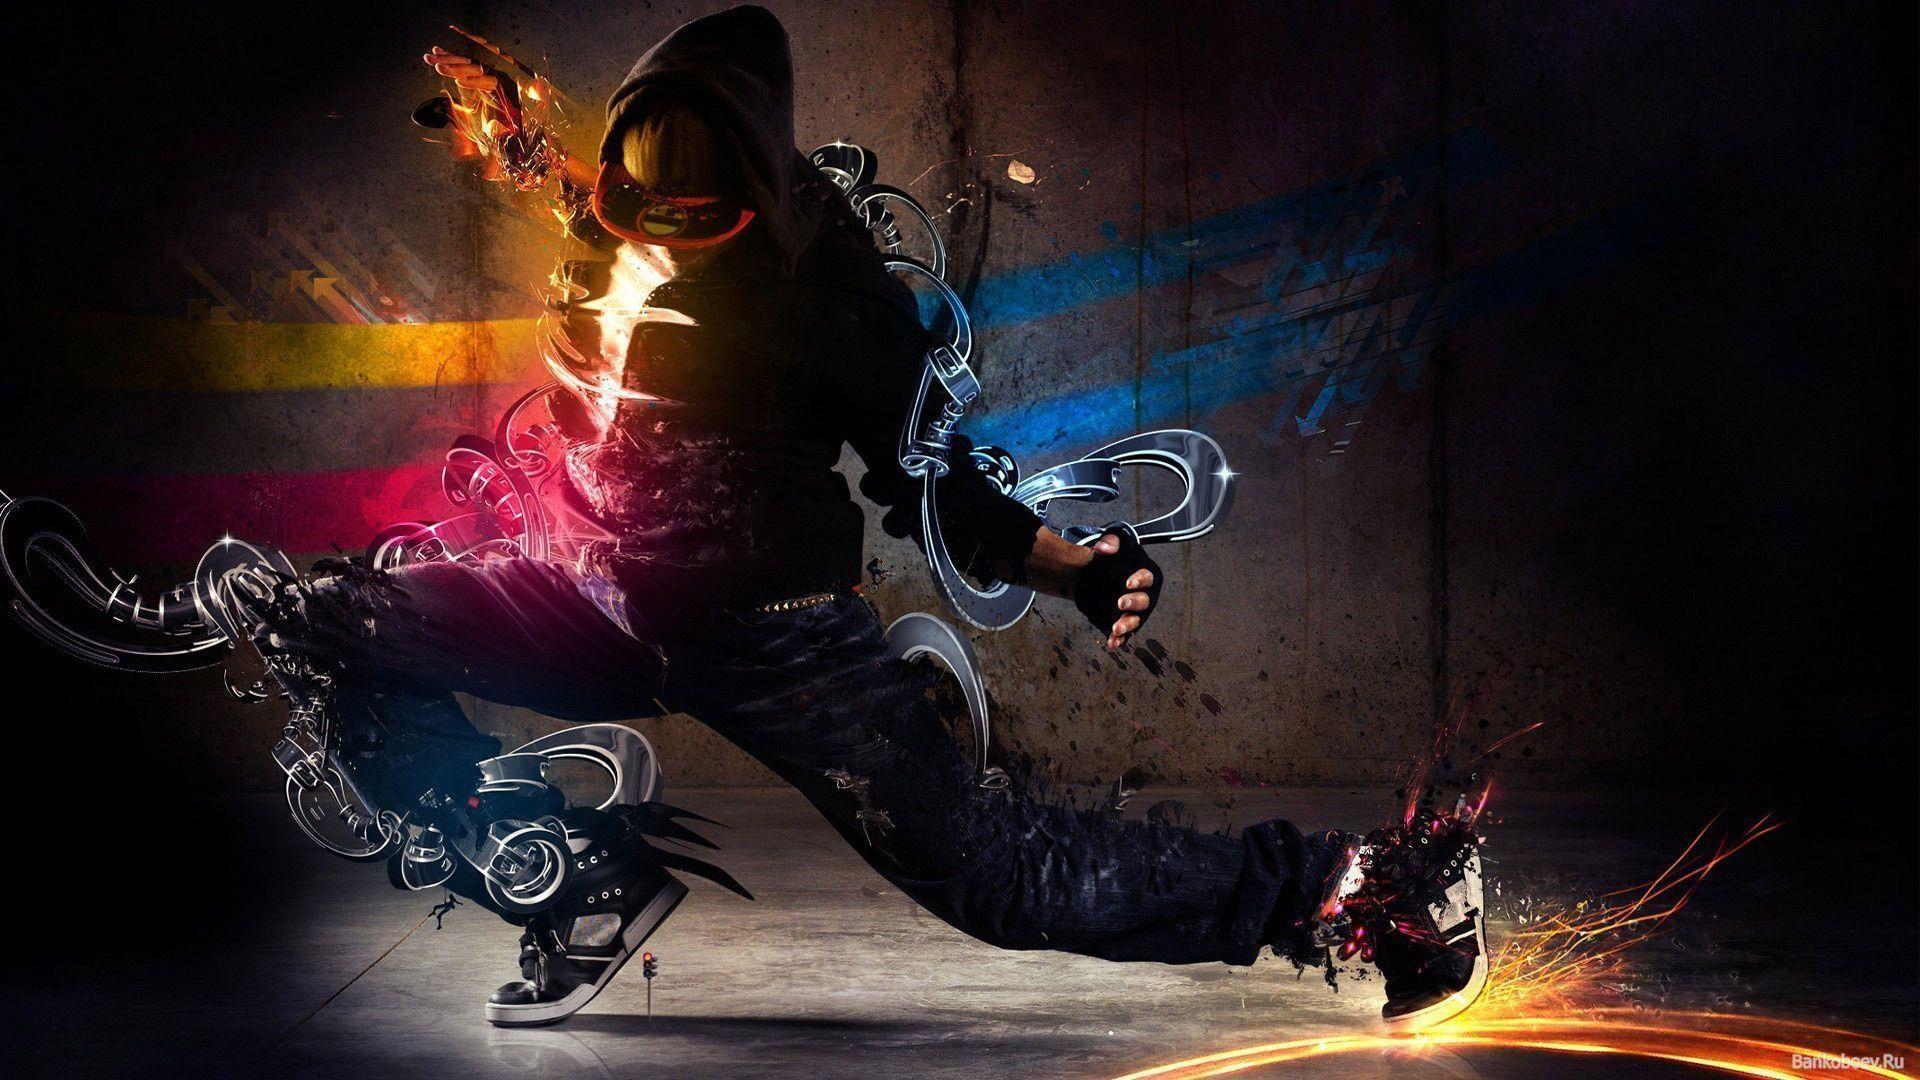 Breakdance Wallpaper ·①